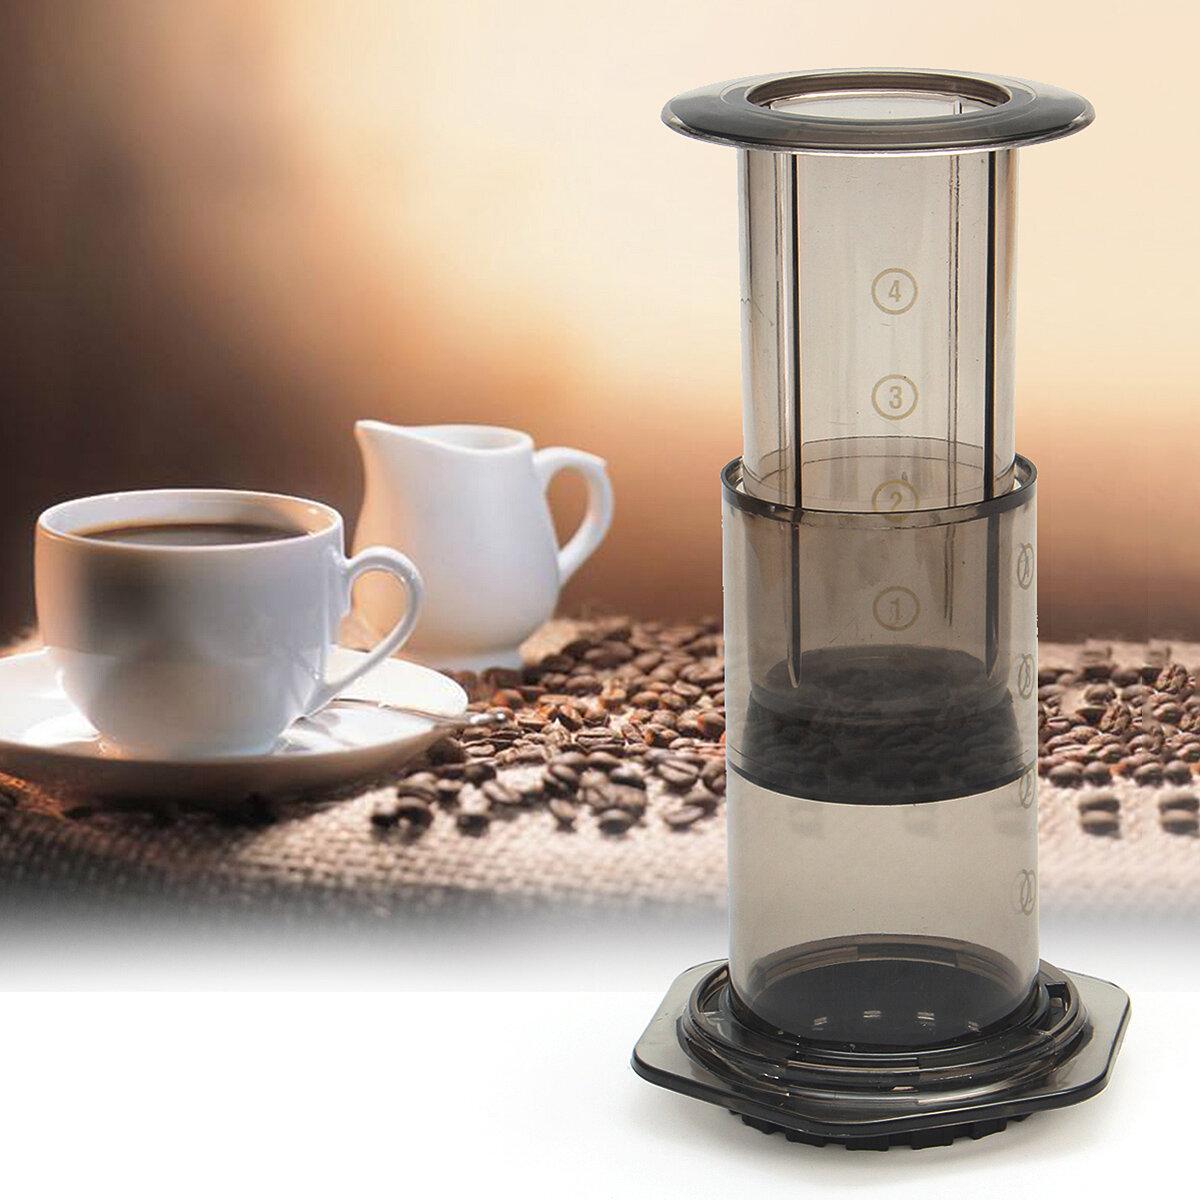 เครื่องกรองแบบพกพาเครื่องชงกาแฟหม้อ Hand Pressure Machine เครื่องกรองกระดาษฟรี